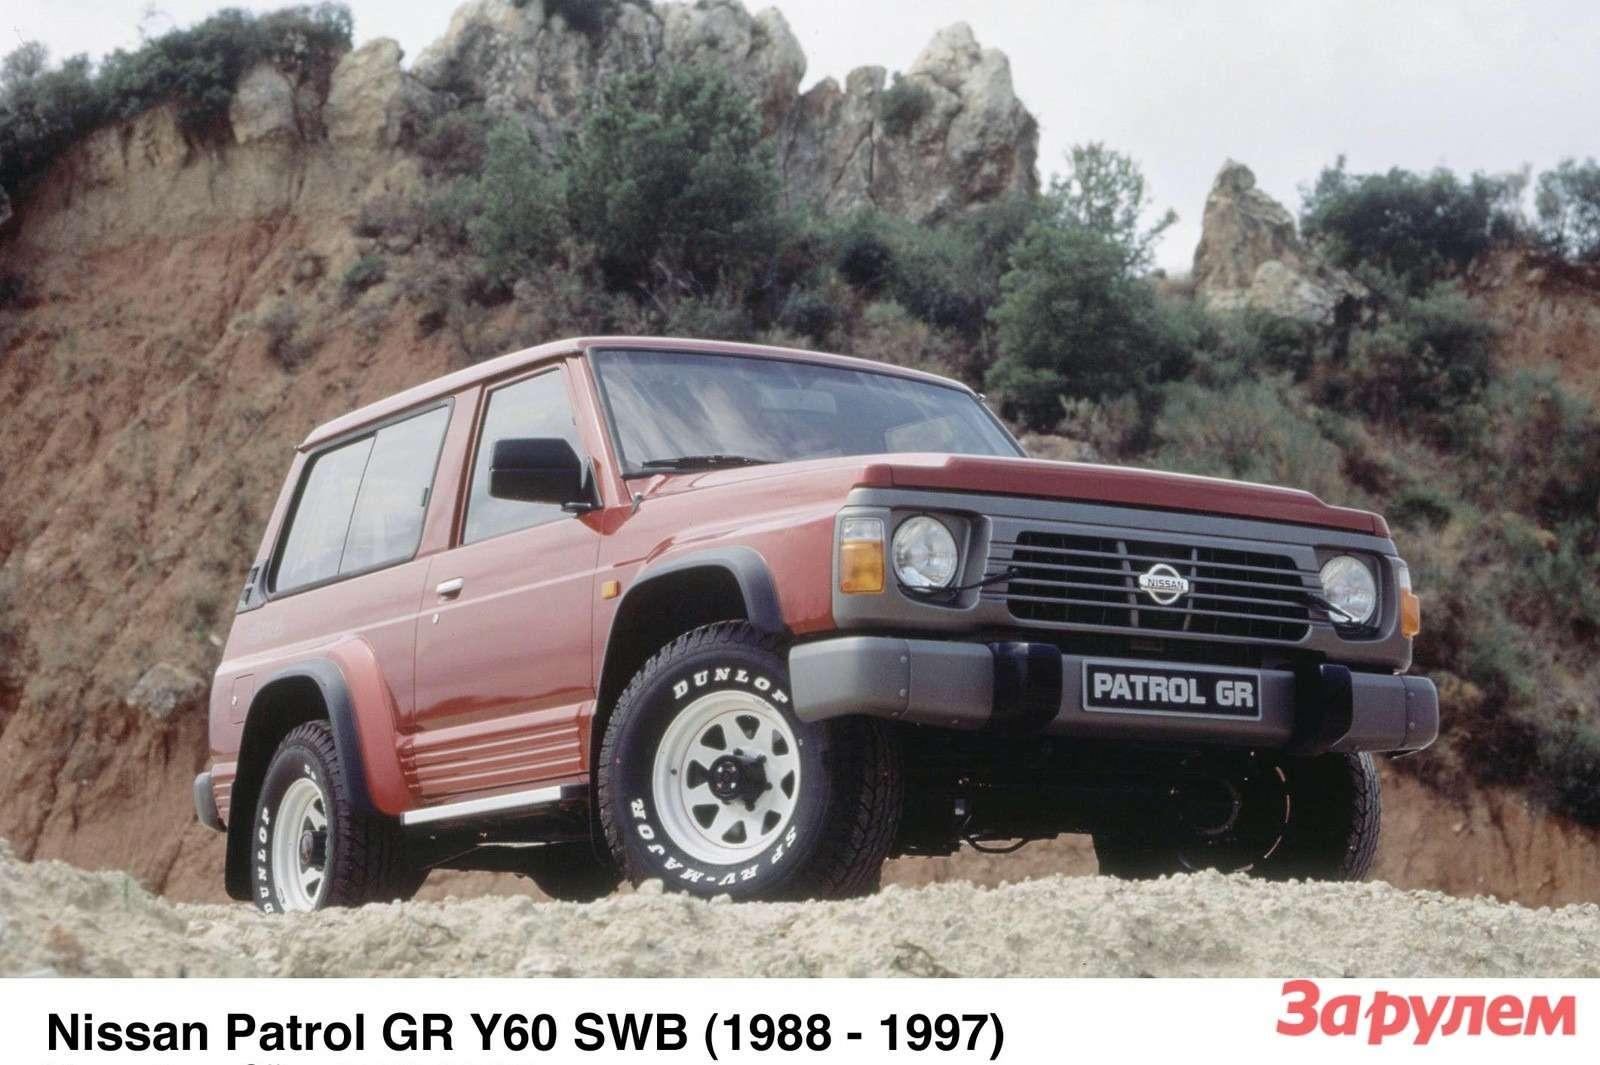 8— 1988 Patrol